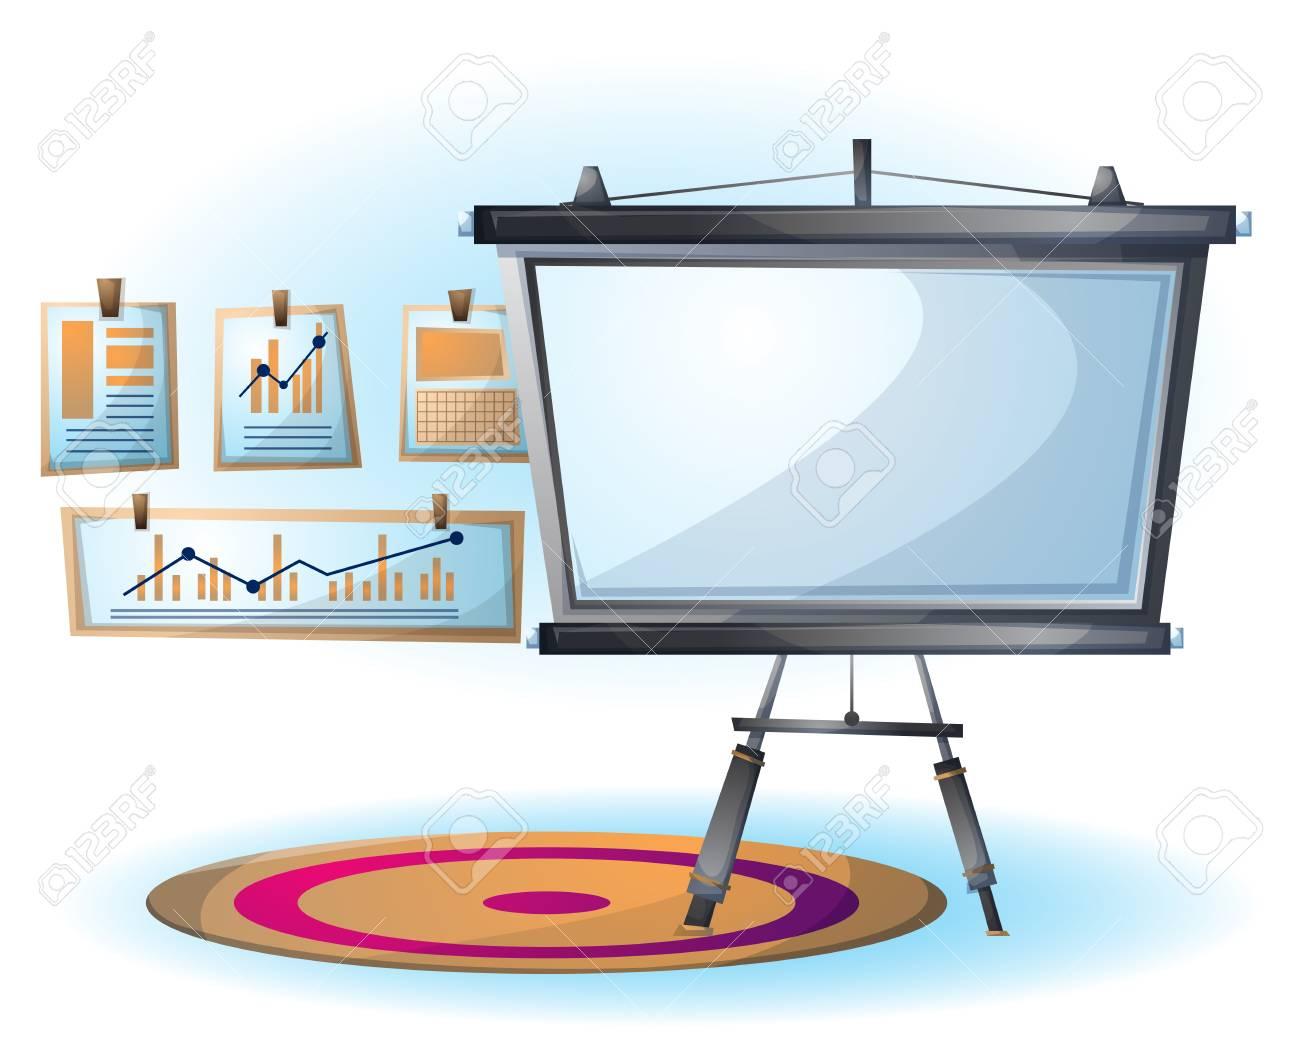 banque d images objet de diapositive de bureau interieur dessin anime vector illustration avec des couches separees